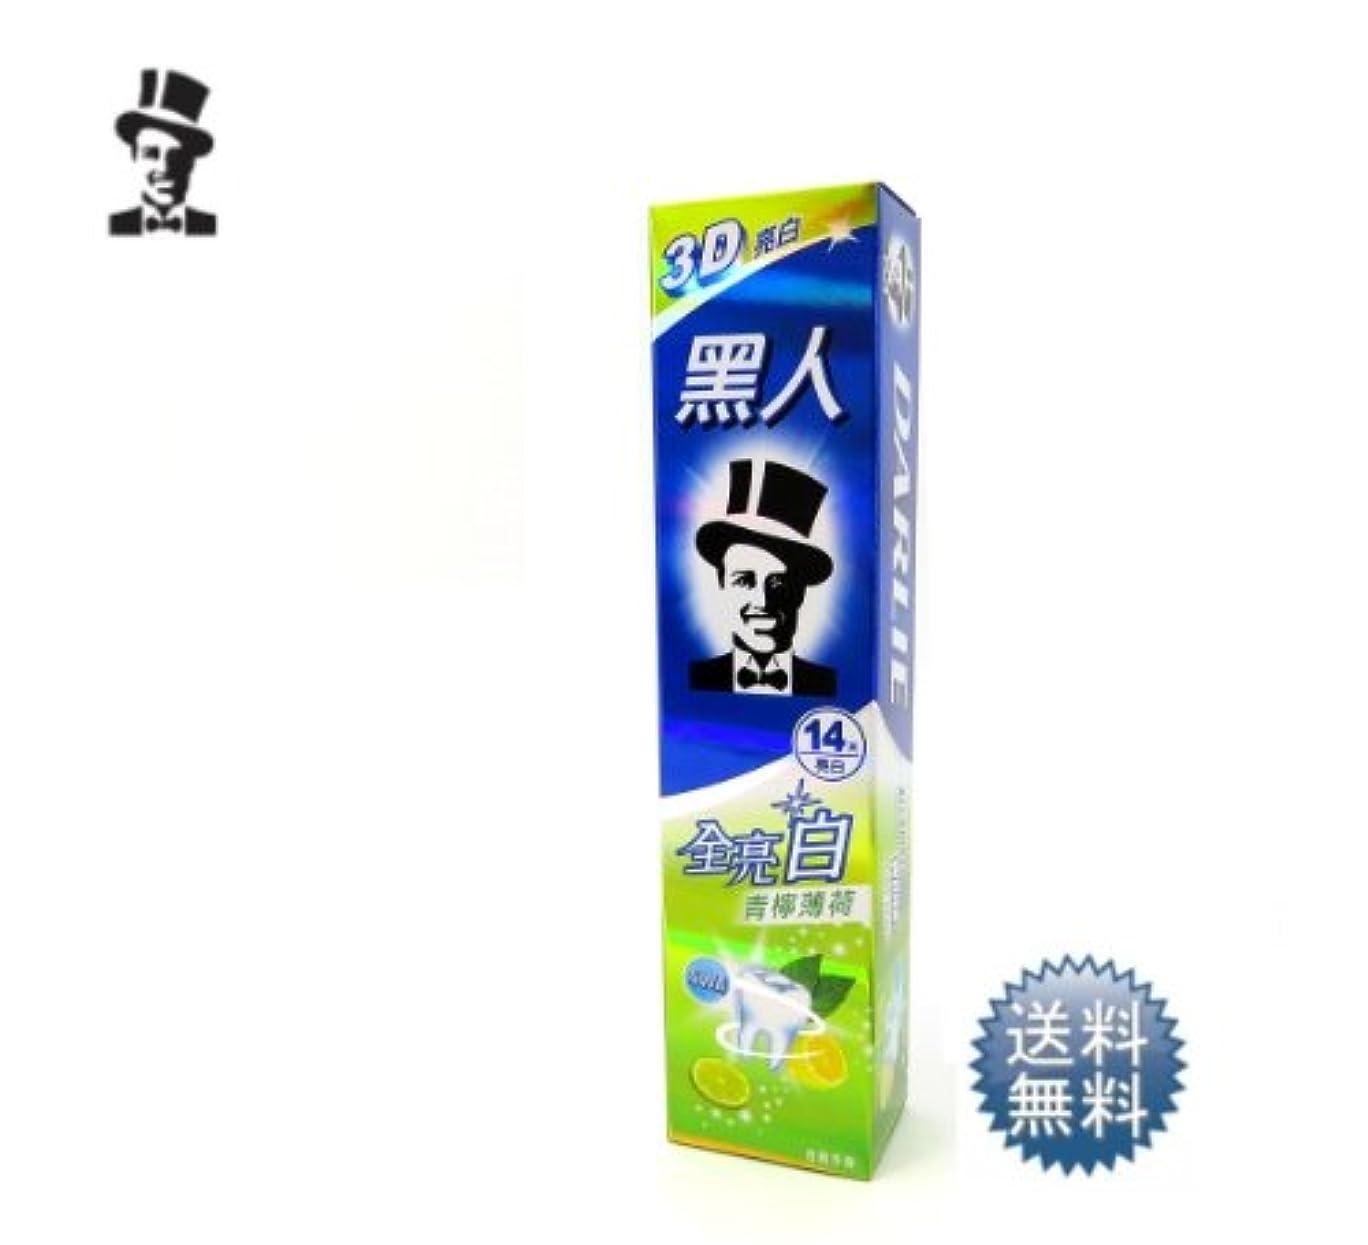 勢い深さ錫台湾 黒人 歯磨き 全亮白 青檸薄荷 140g